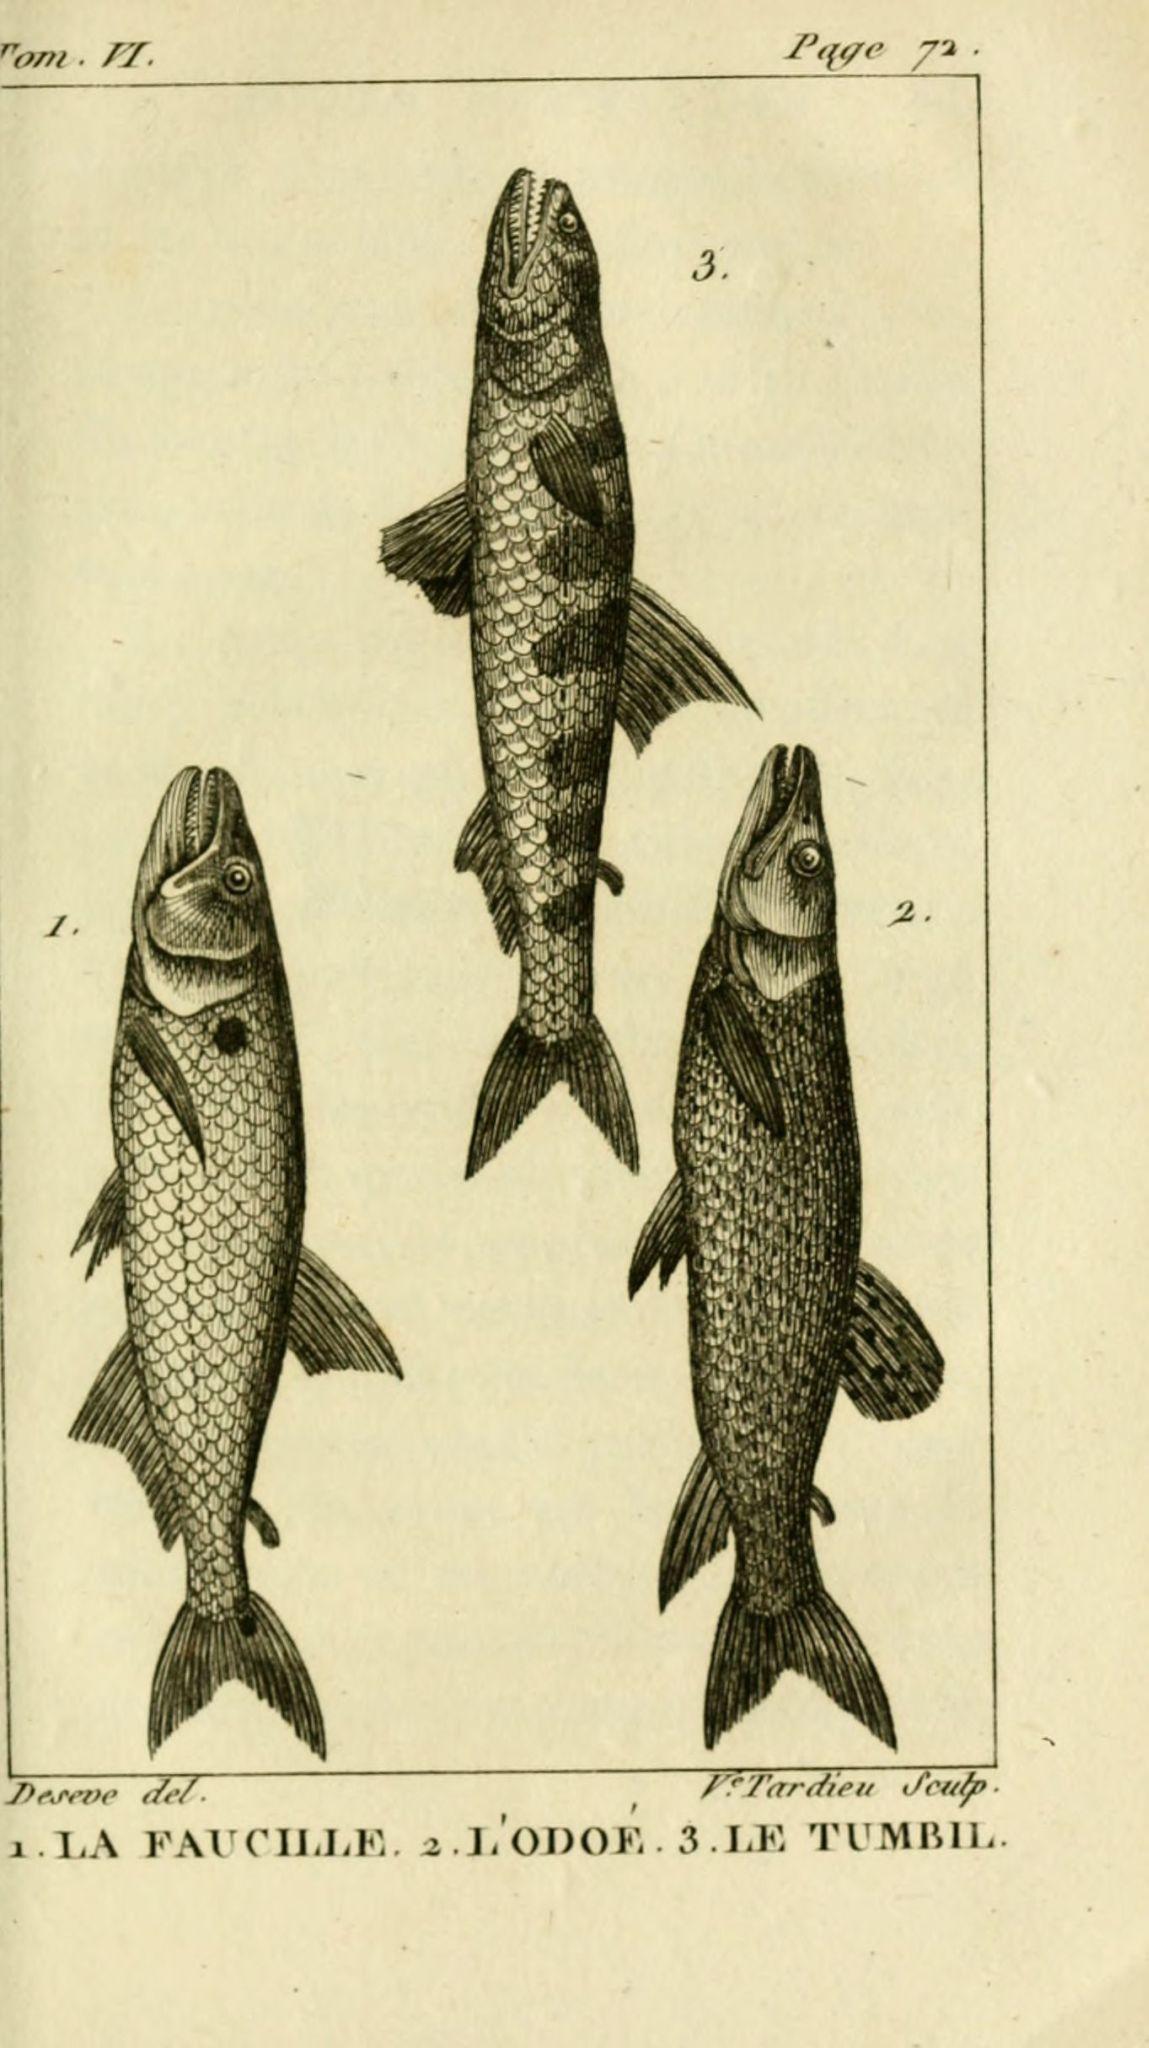 gravures_poissons_-_6099_faucille__-_odoe__-_tumbil